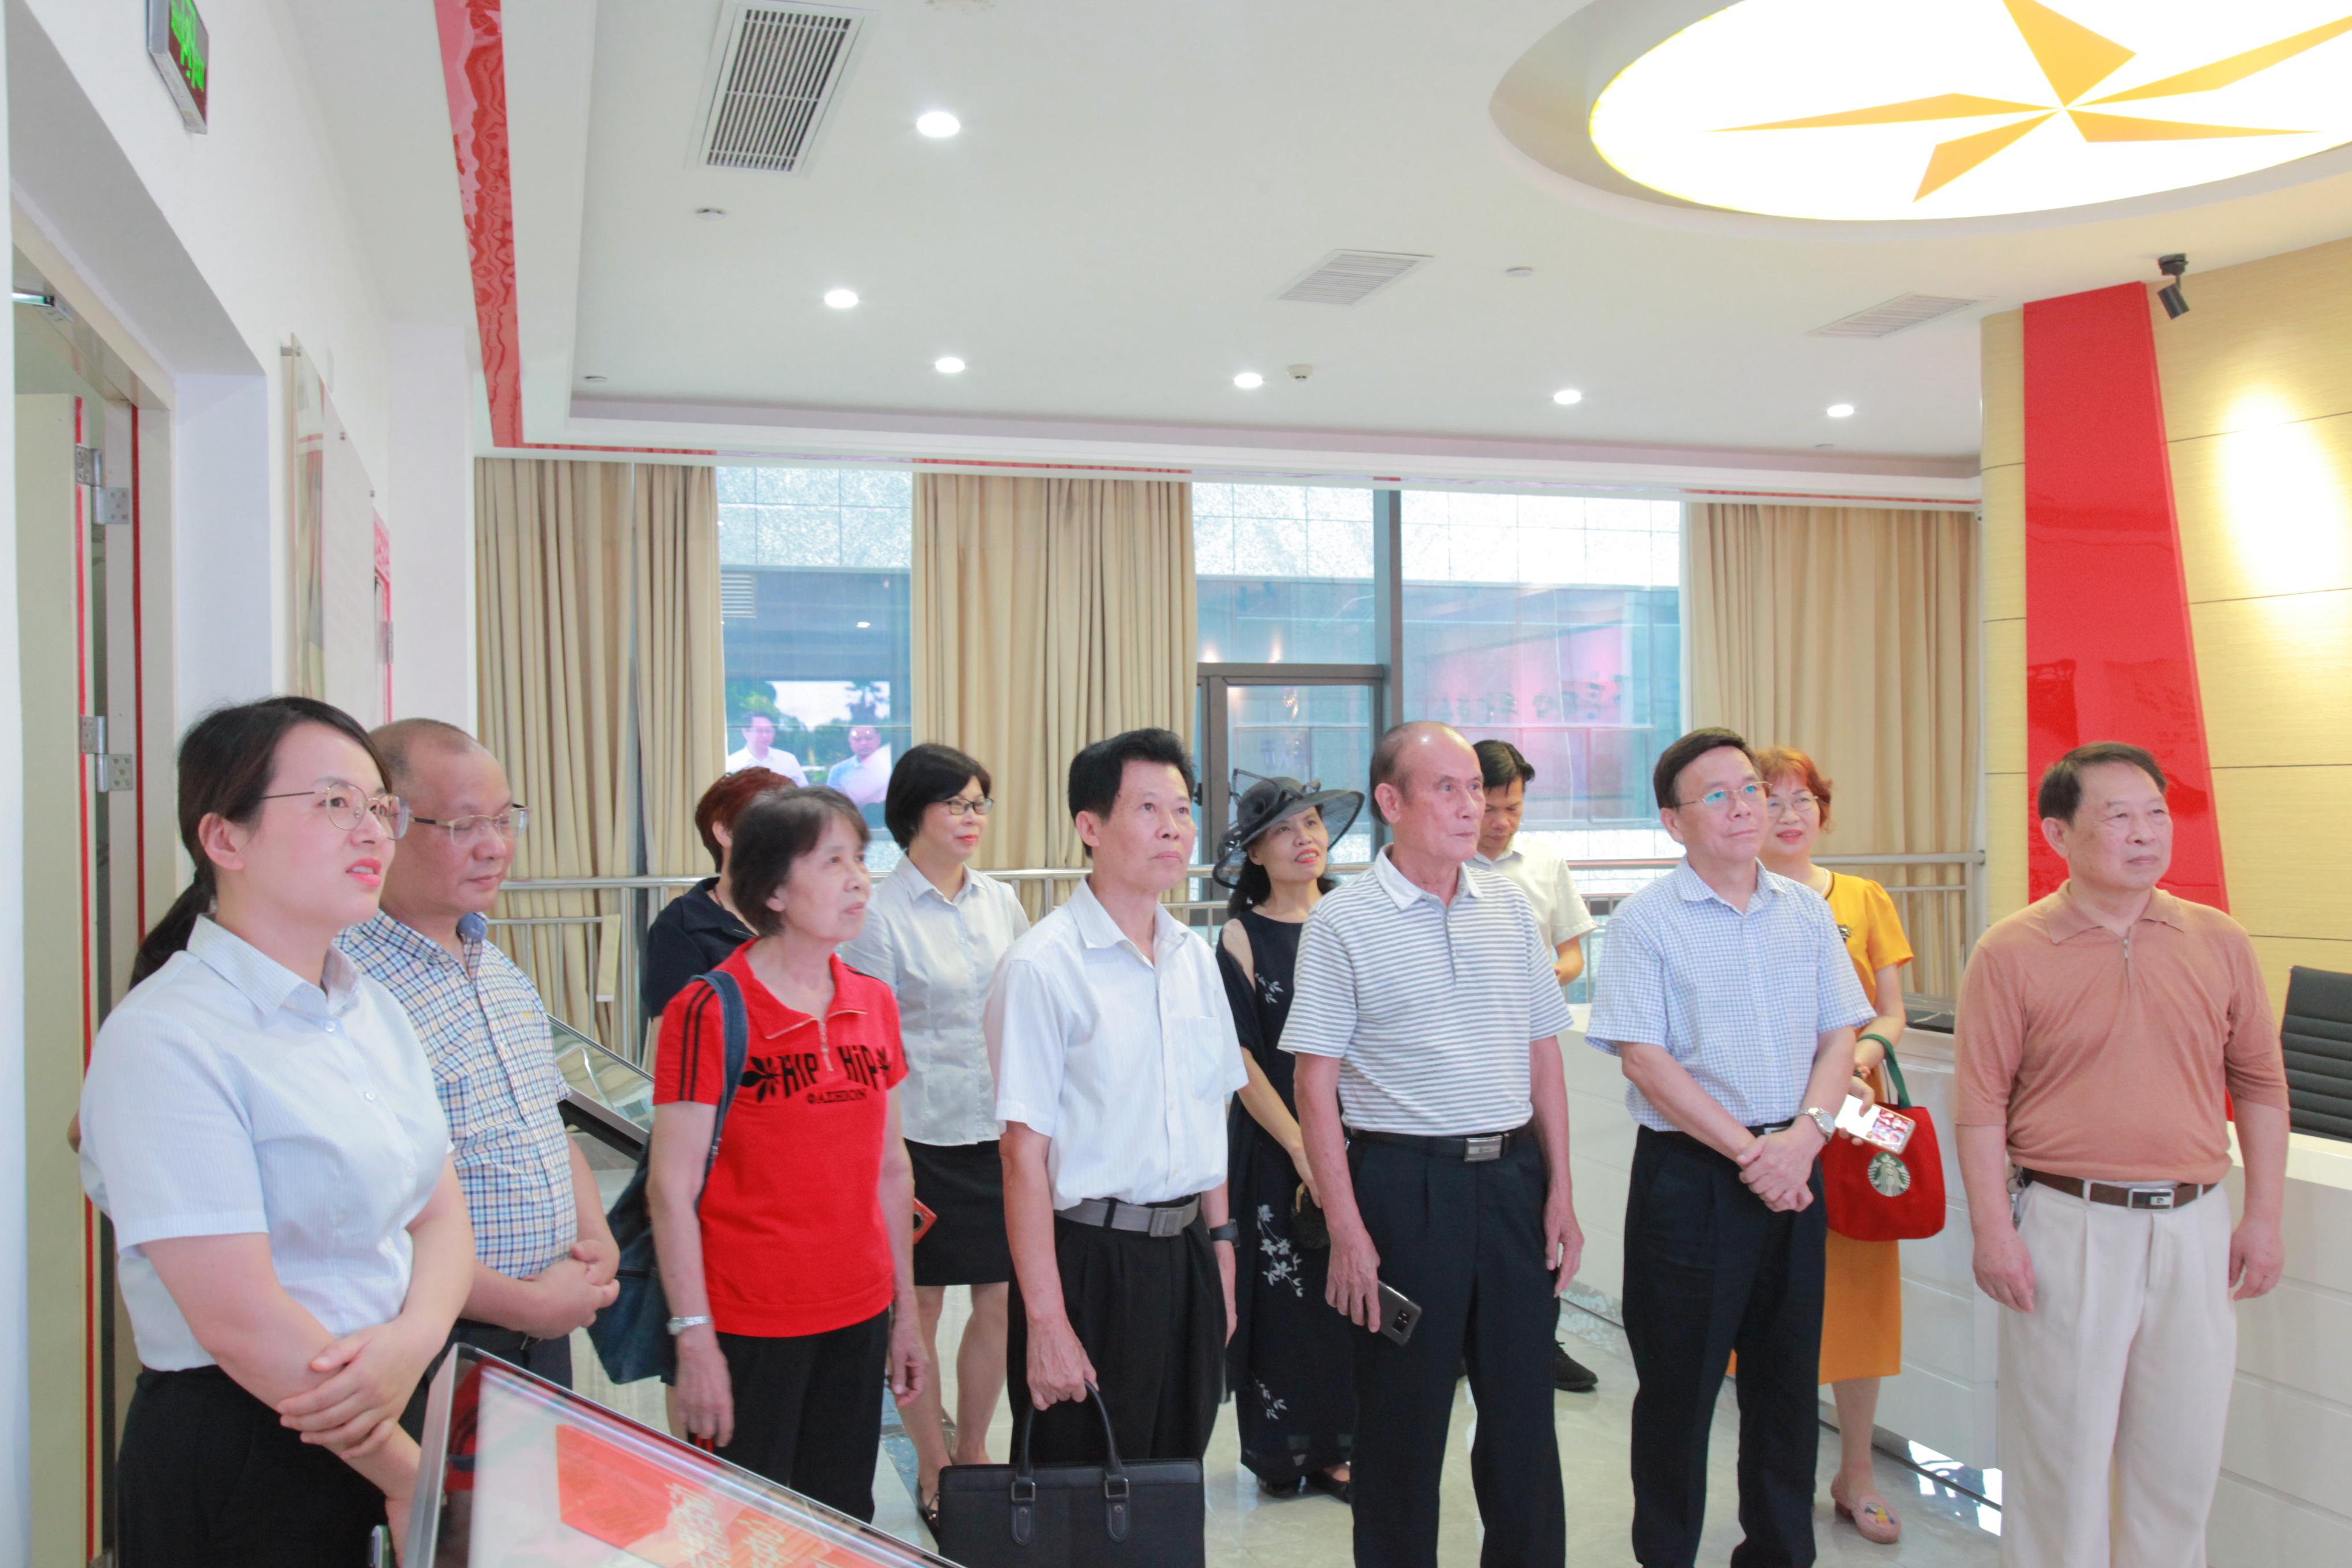 广西政协第二十二党支部考察团参观集团总部党群活动中心.JPG